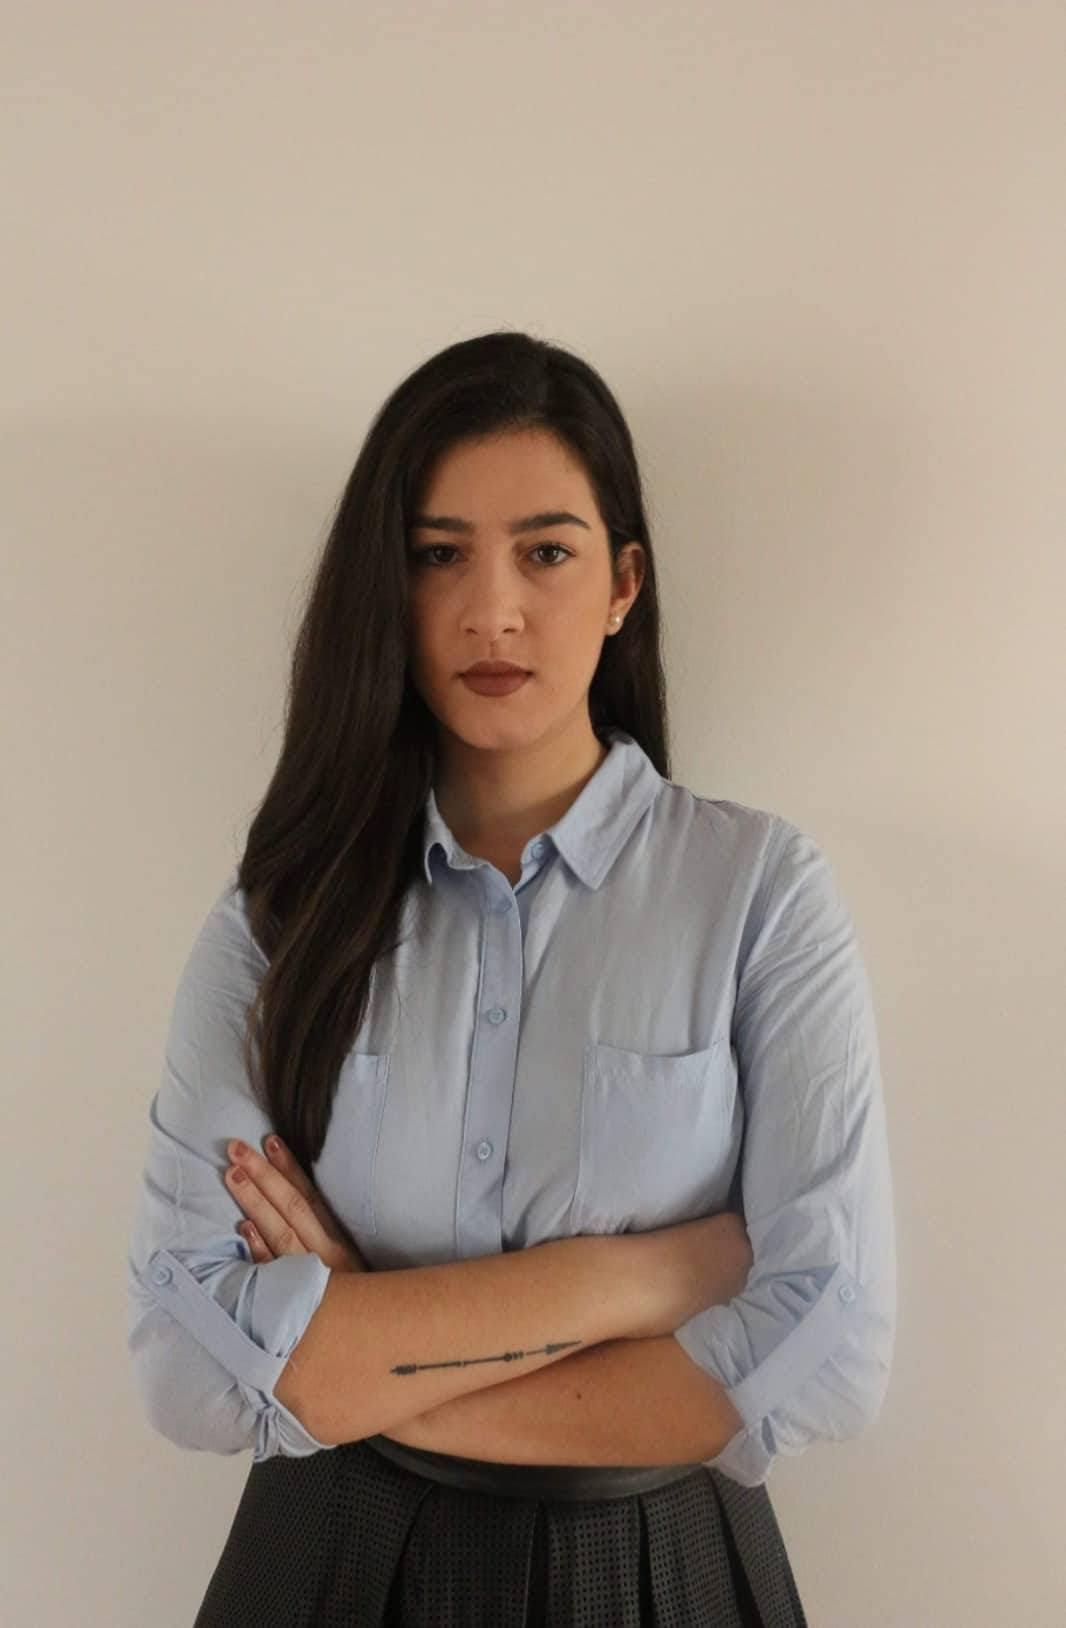 Μαριάντζελα Αθανασοπούλου